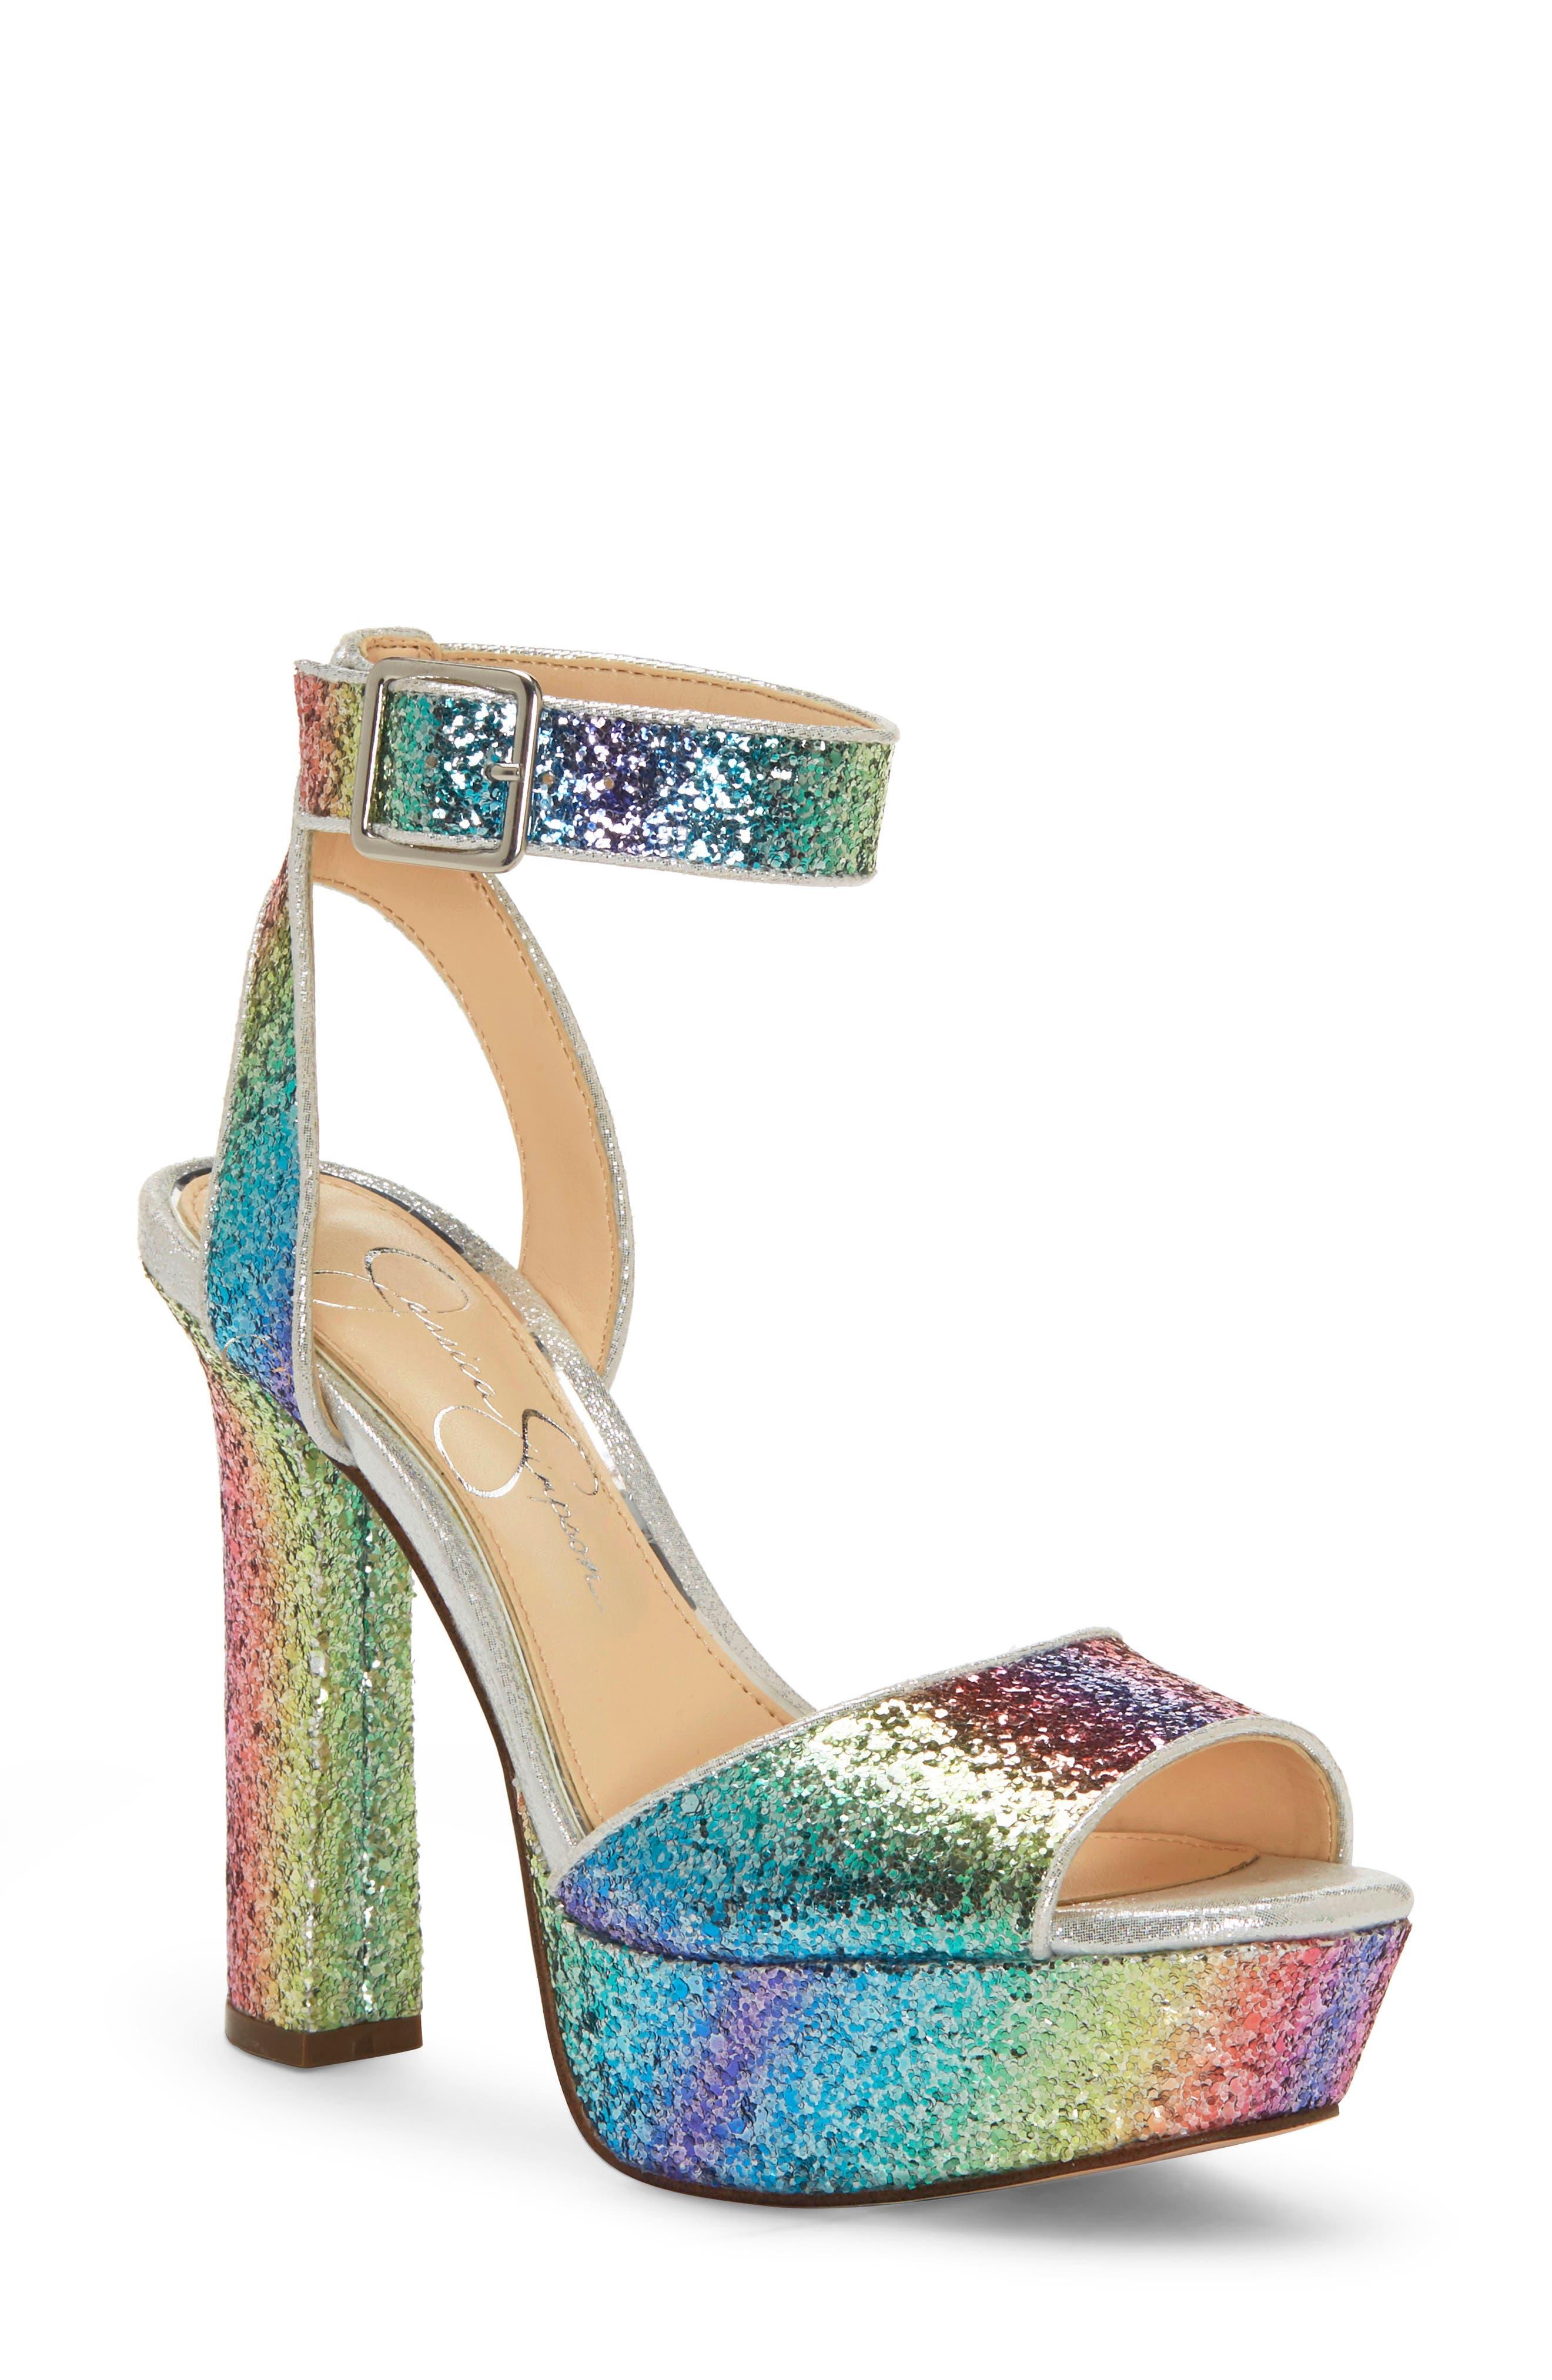 60s Shoes, Boots Womens Jessica Simpson Maicie Platform Sandal Size 9 M - Brown $88.95 AT vintagedancer.com